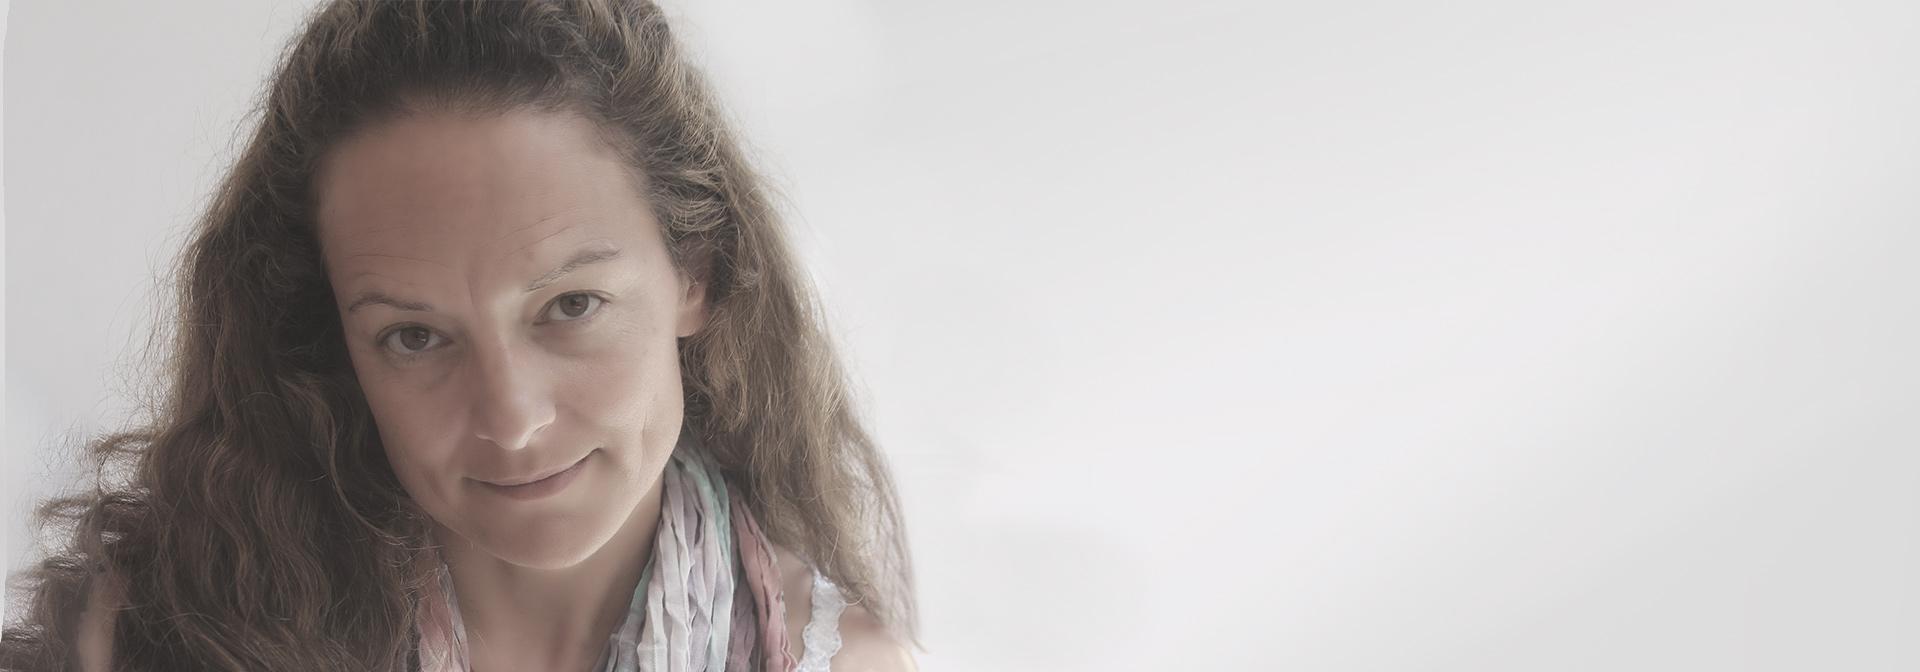 היזמיות המובילות של 'ליידי גלובס' לשנת 2017 - מירב נאור ויינשטוק / צילום: מלכה ניאום